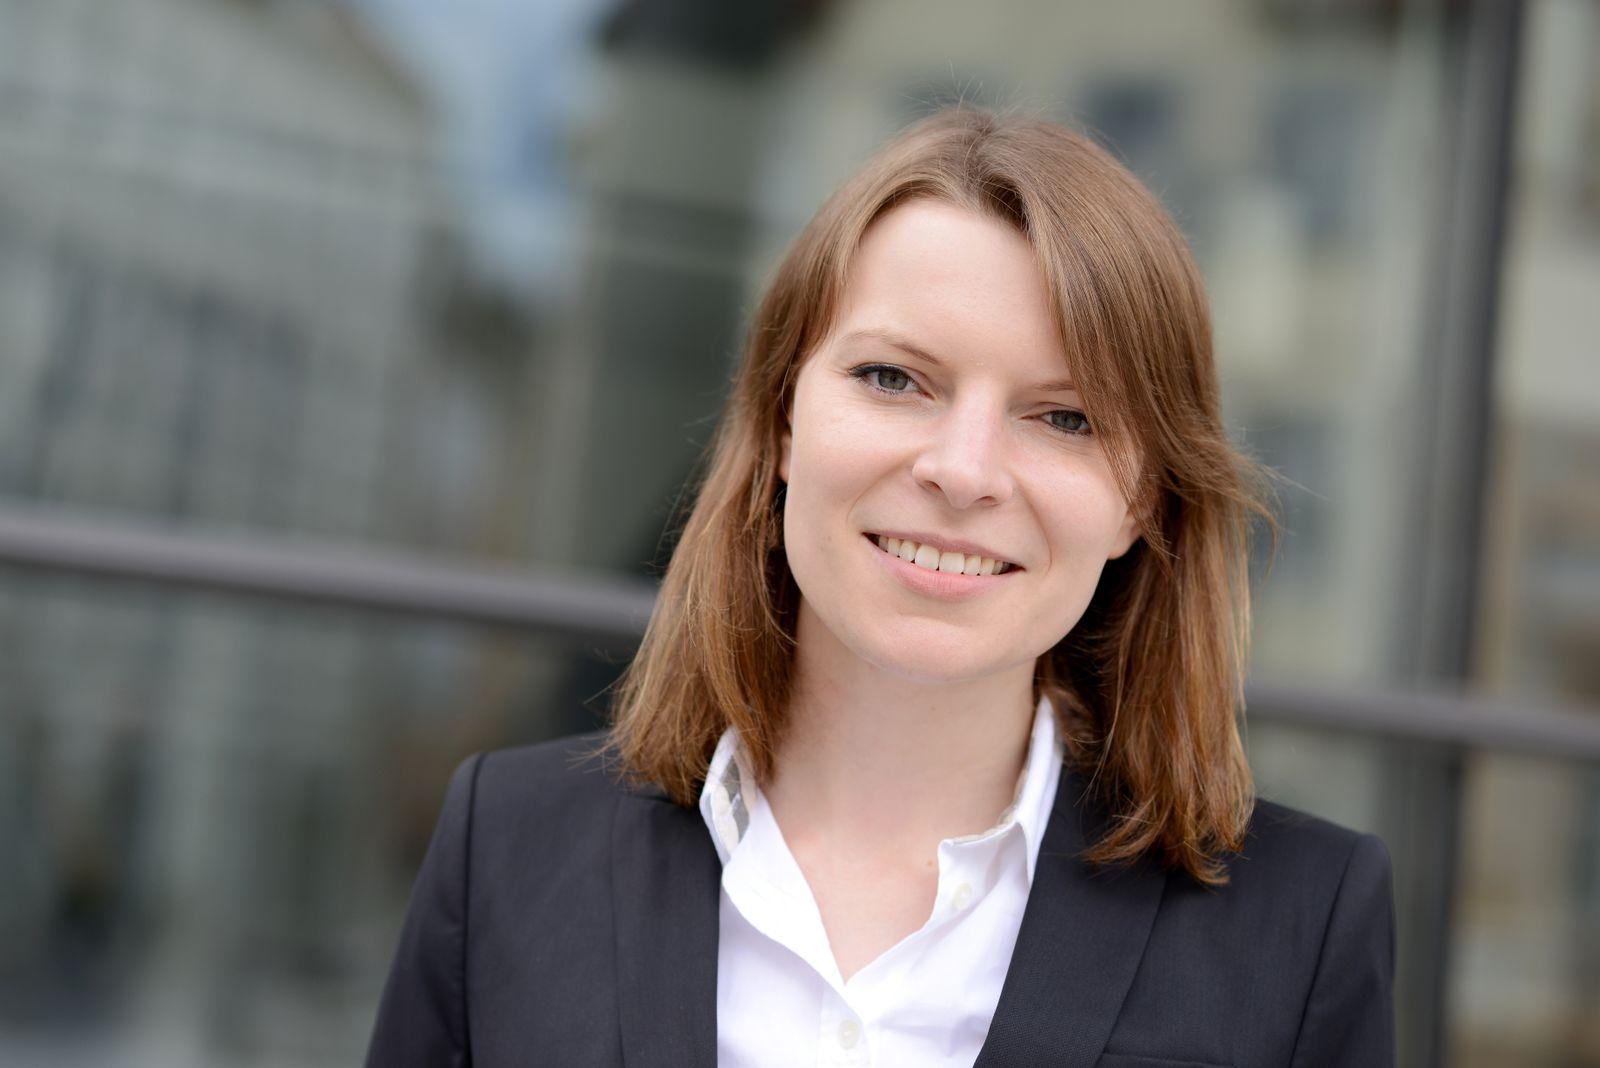 Emmi Zeulner